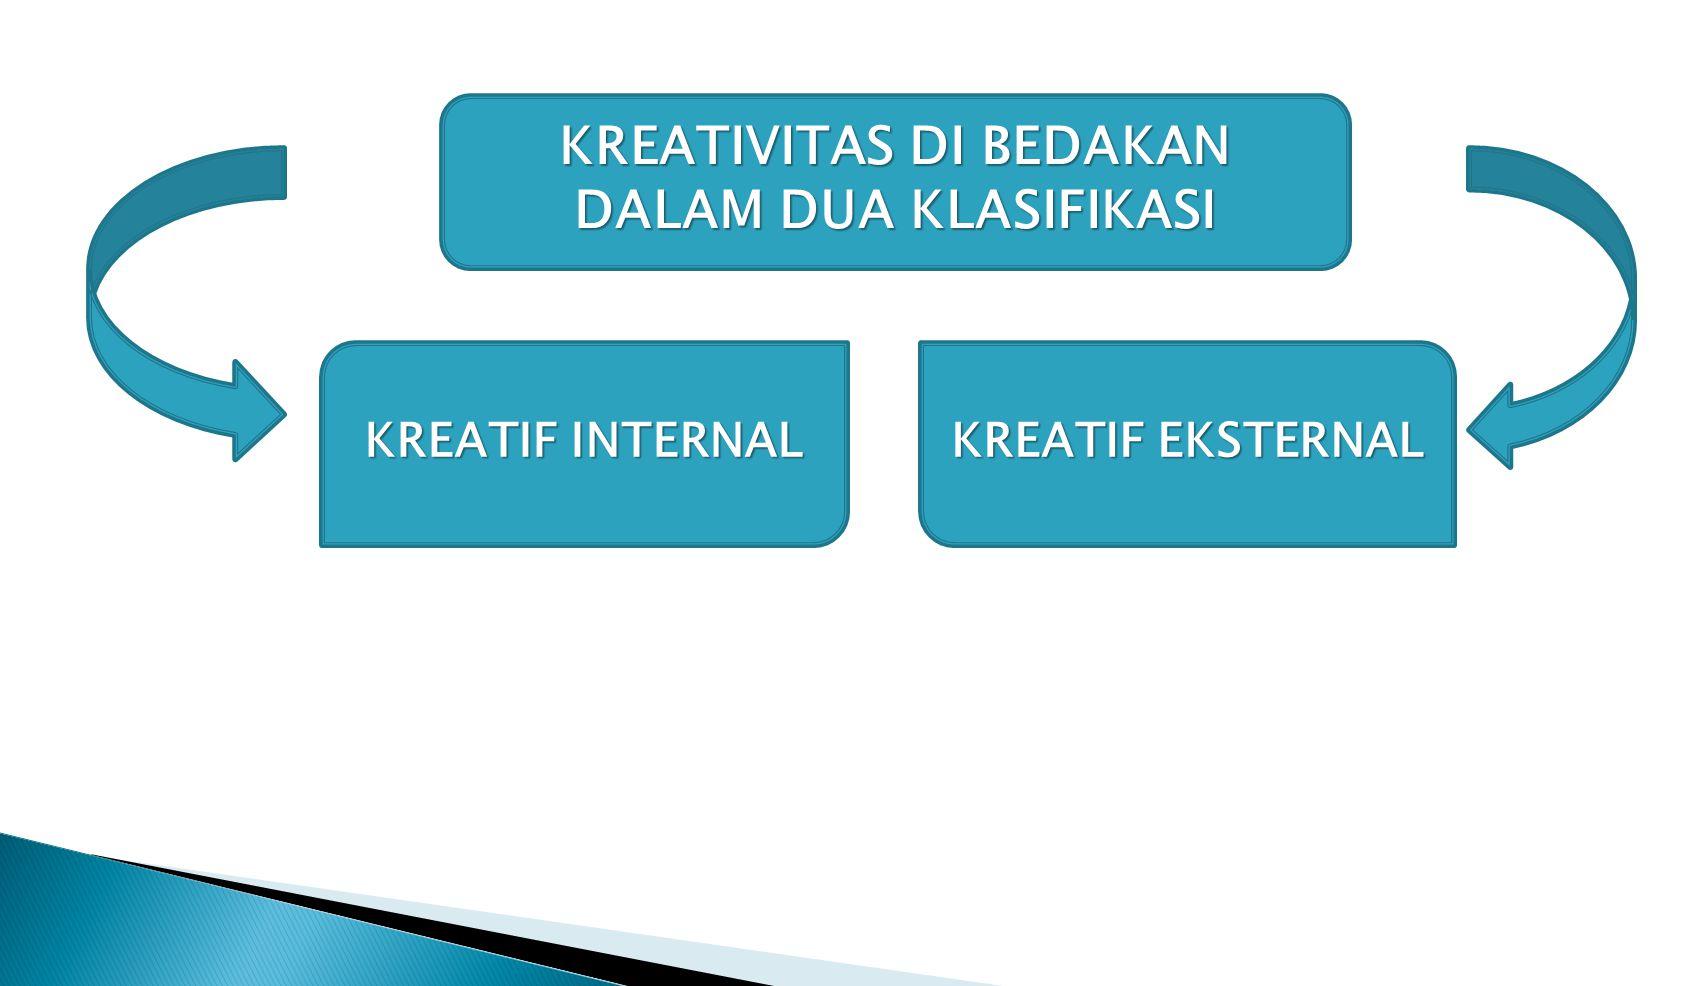 Kreativitas di bedakan dalam dua klasifikasi